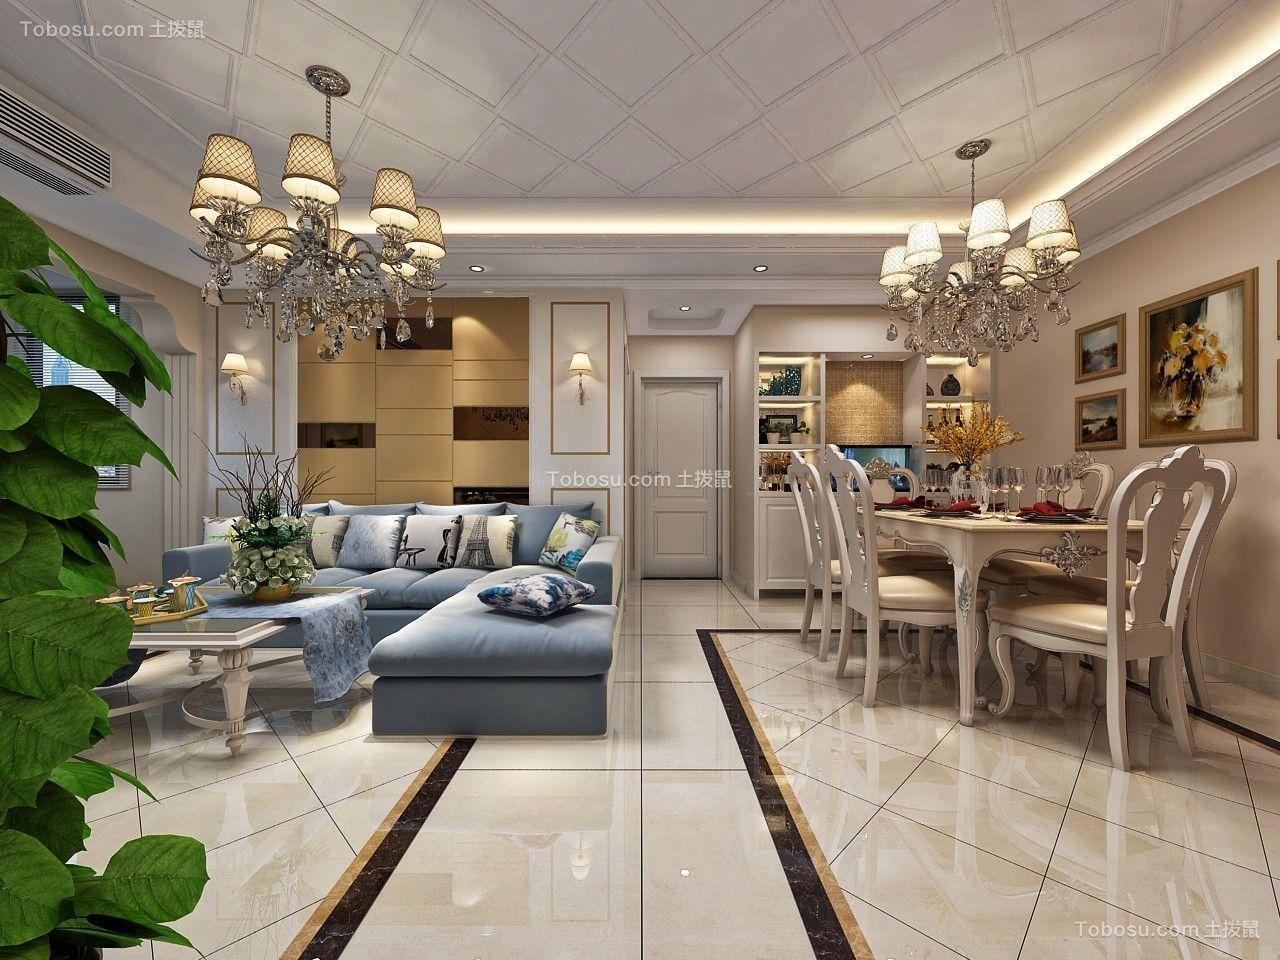 歐式風格130平米三室兩廳新房裝修效果圖